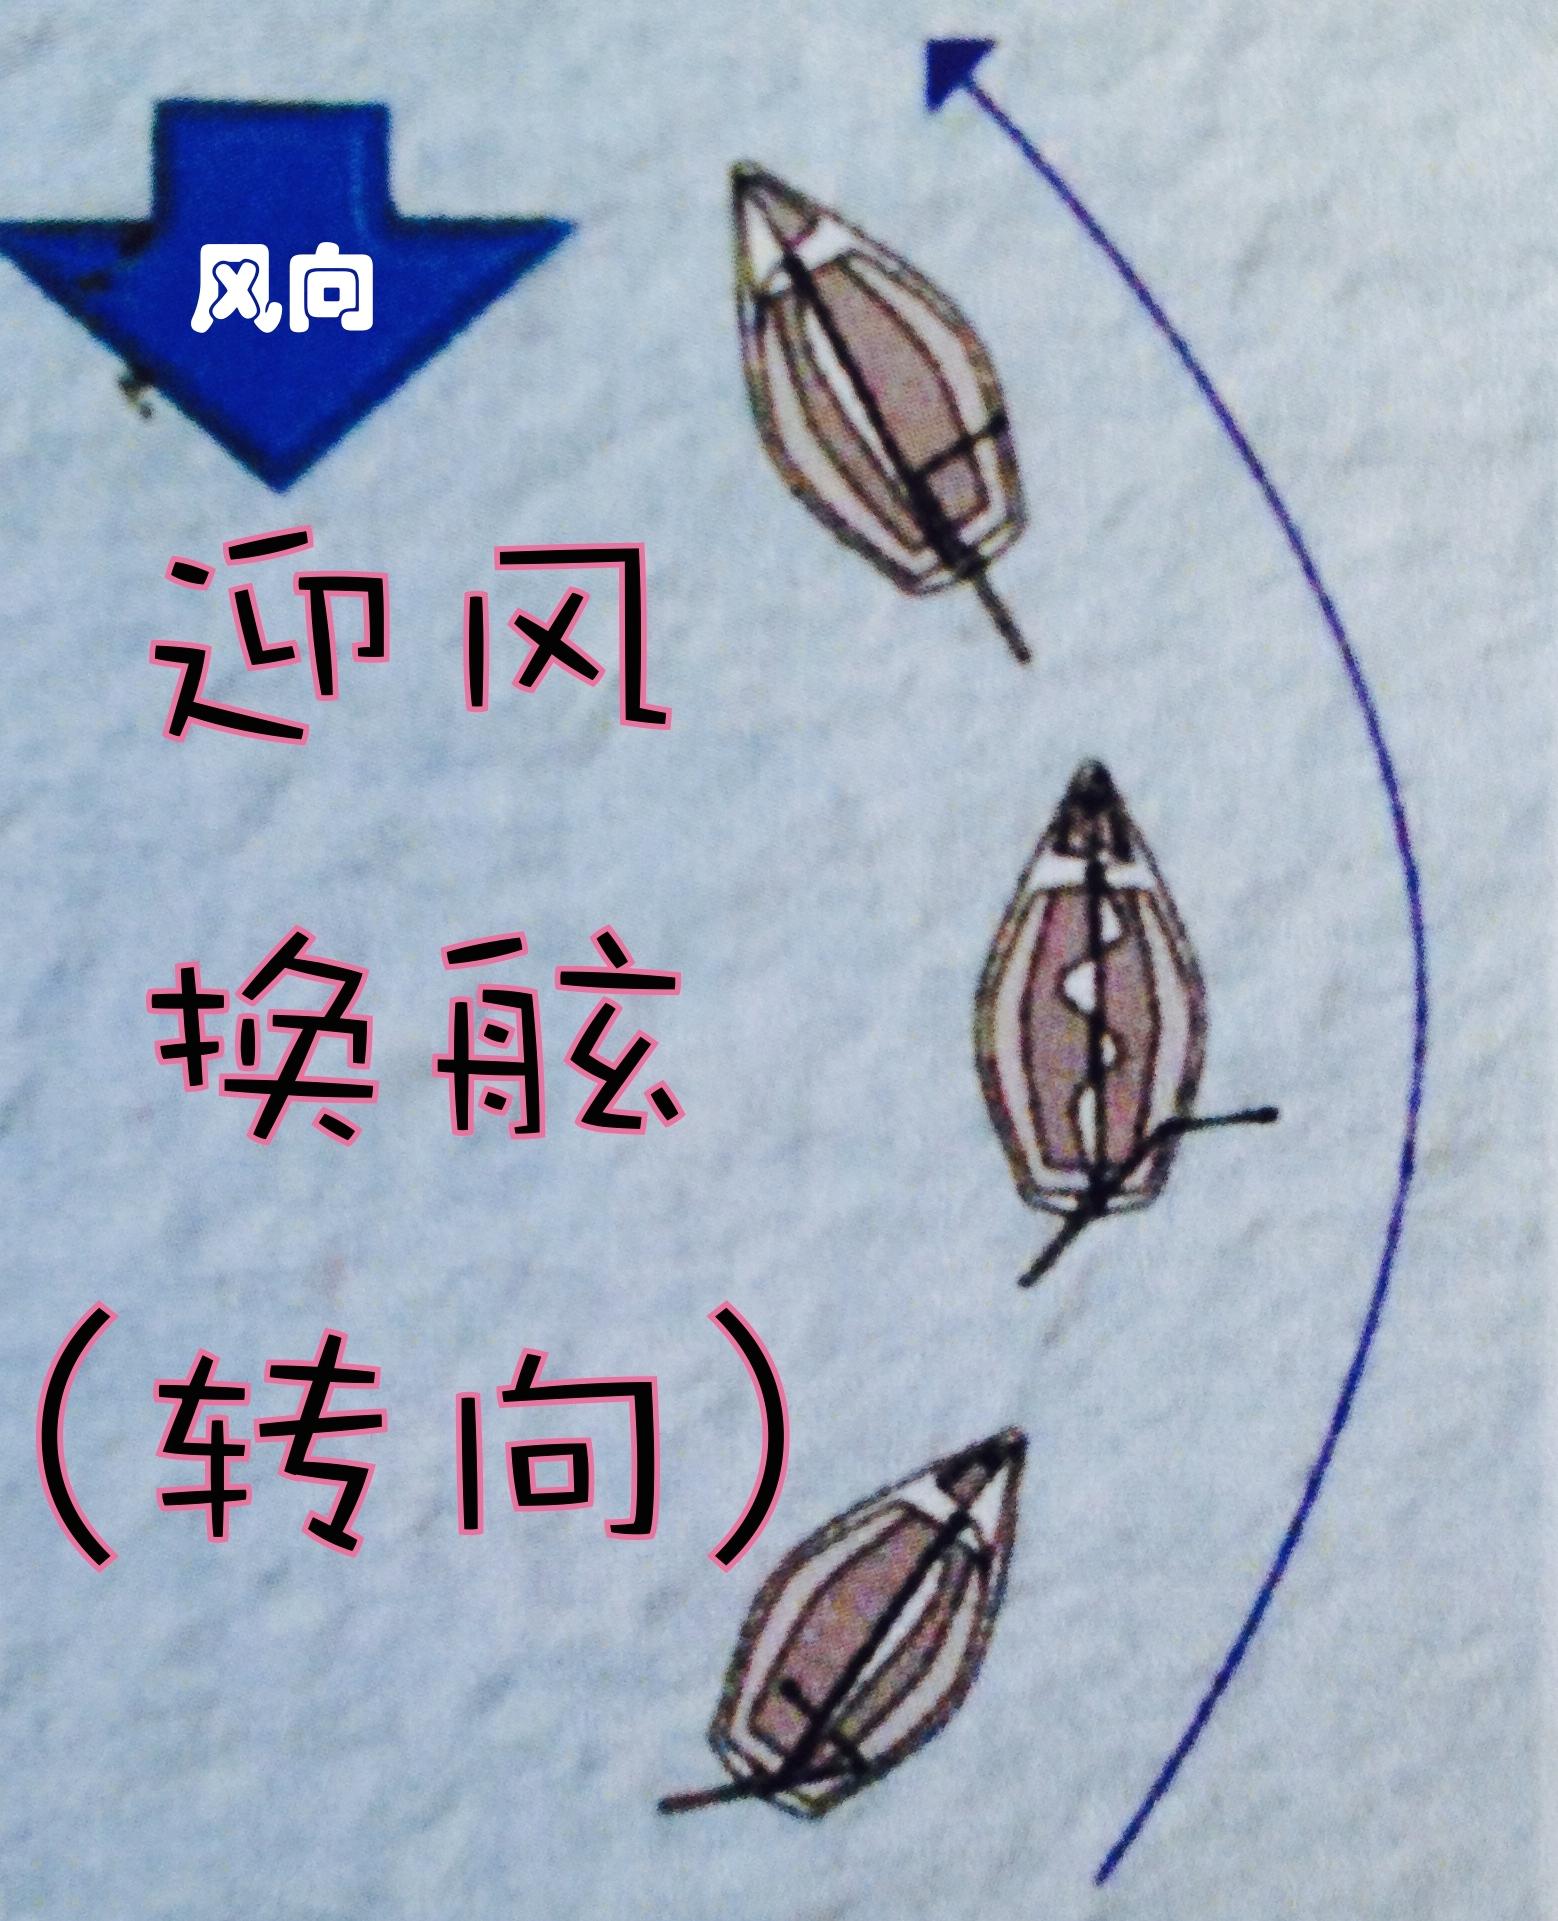 转向就是把船头调离原来的方向和路线,穿越过正顶风之后,驶向另一个方向。 9a迎风换舷.jpg